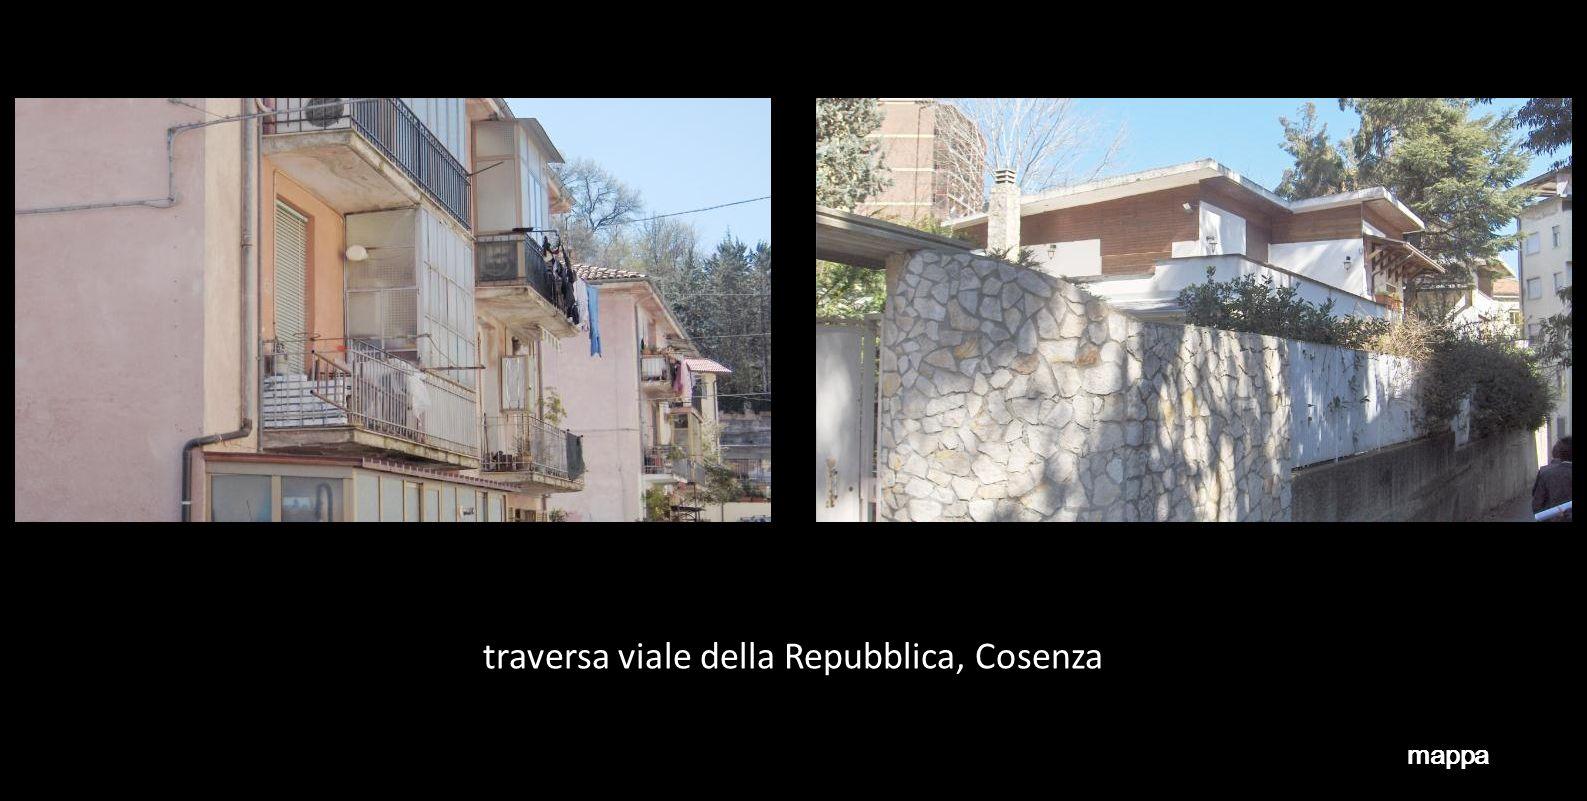 traversa viale della Repubblica, Cosenza mappa